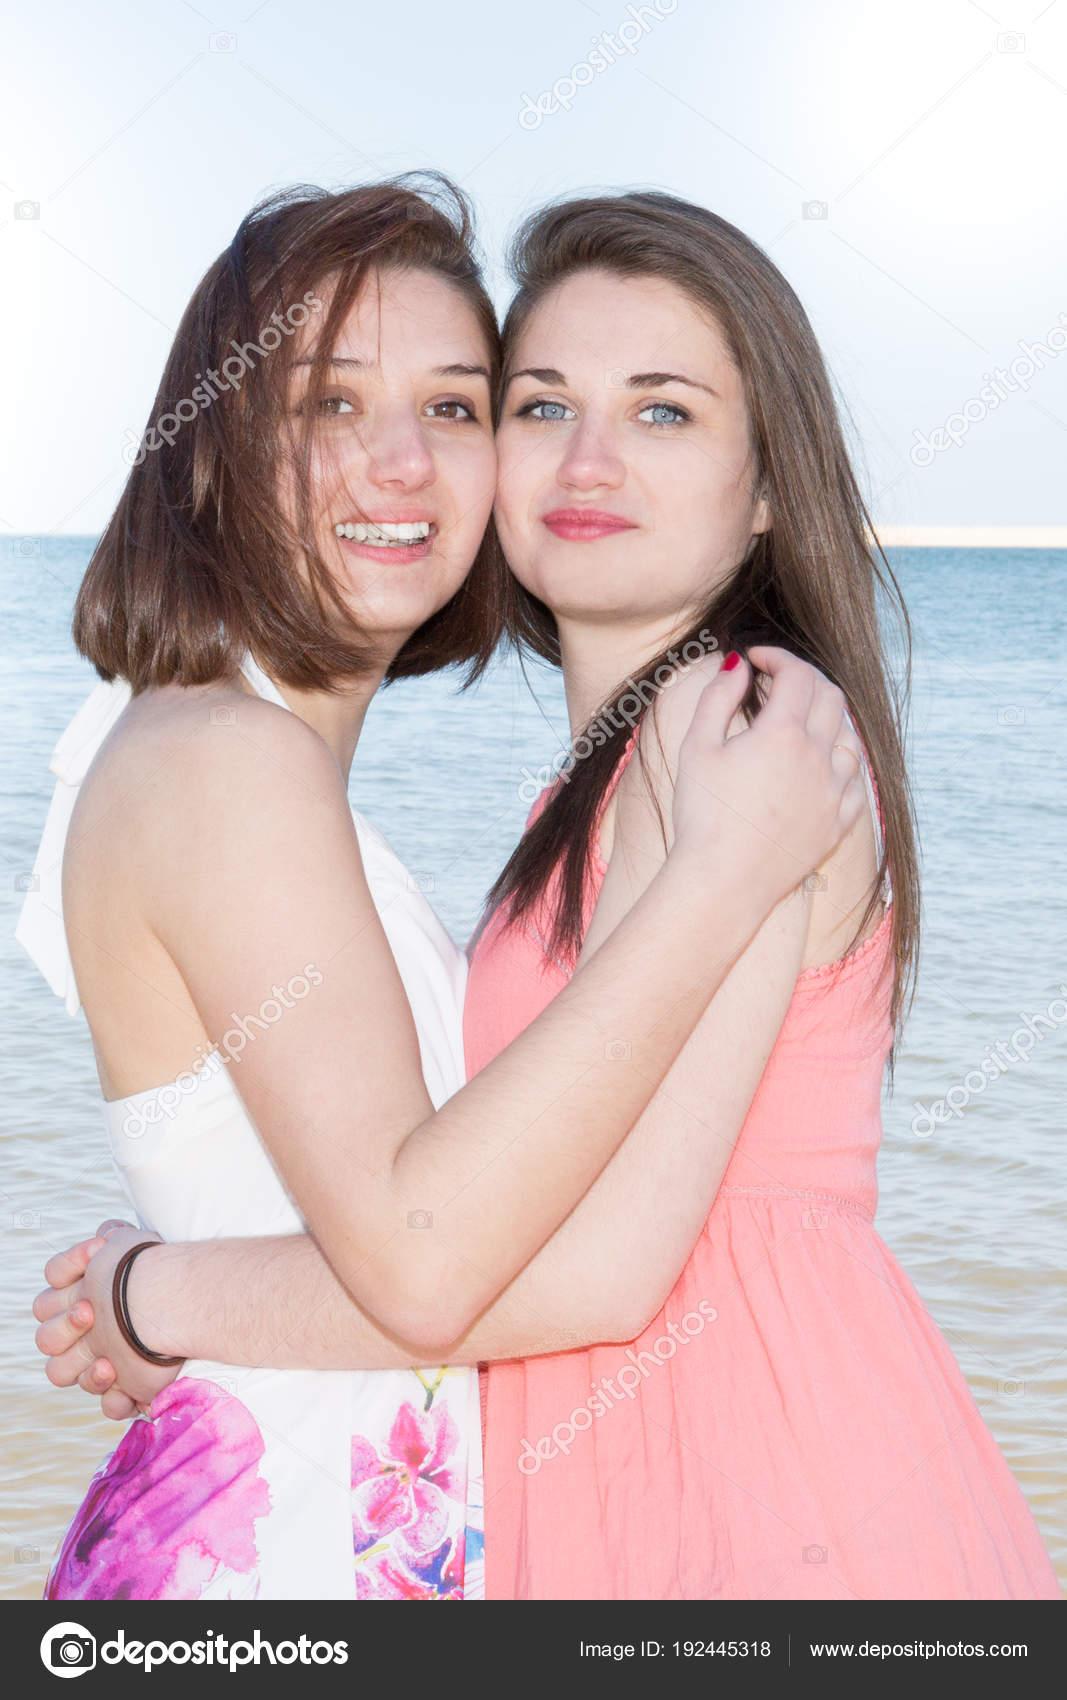 Beste lesbische Fotos